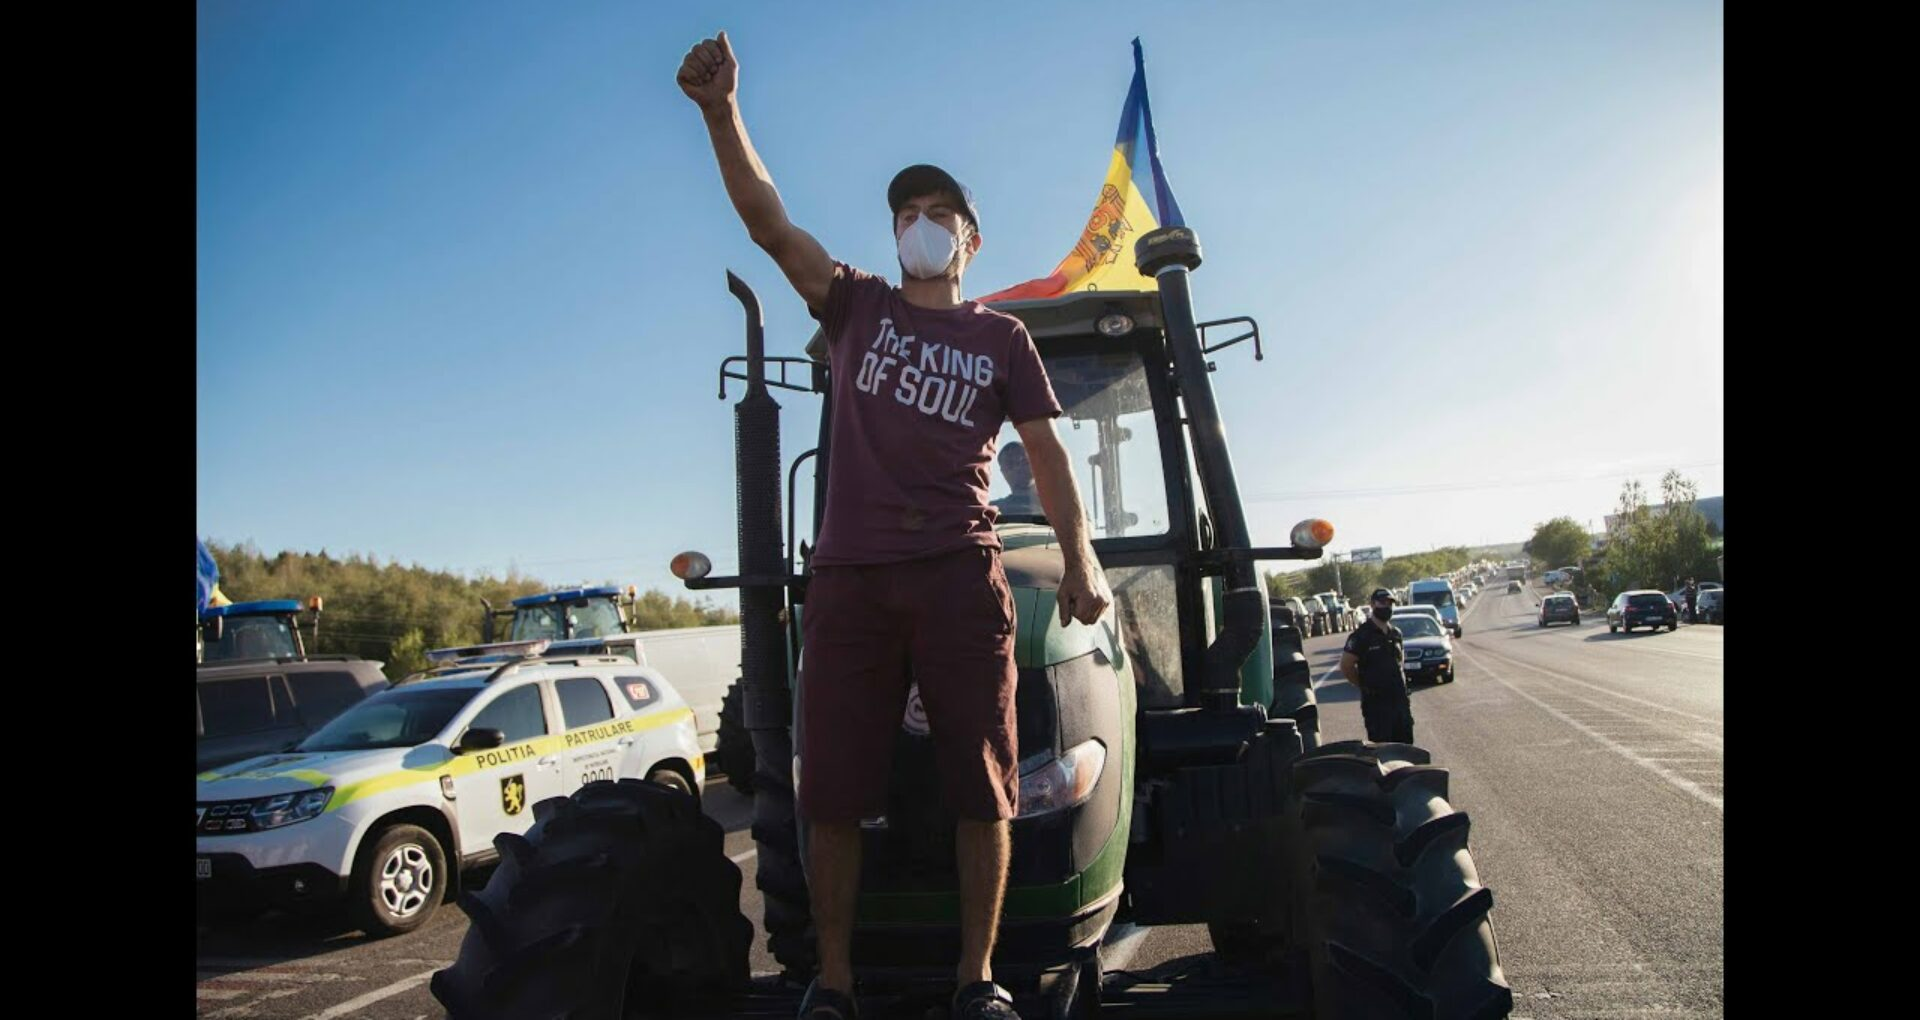 """ULTIMA ORĂ! Agricultorii renunță la proteste. """"Ne ducem acasă, pentru că timpul ne presează, ne ducem să prelucrăm pământul, dar ne vom reîntoarce"""""""